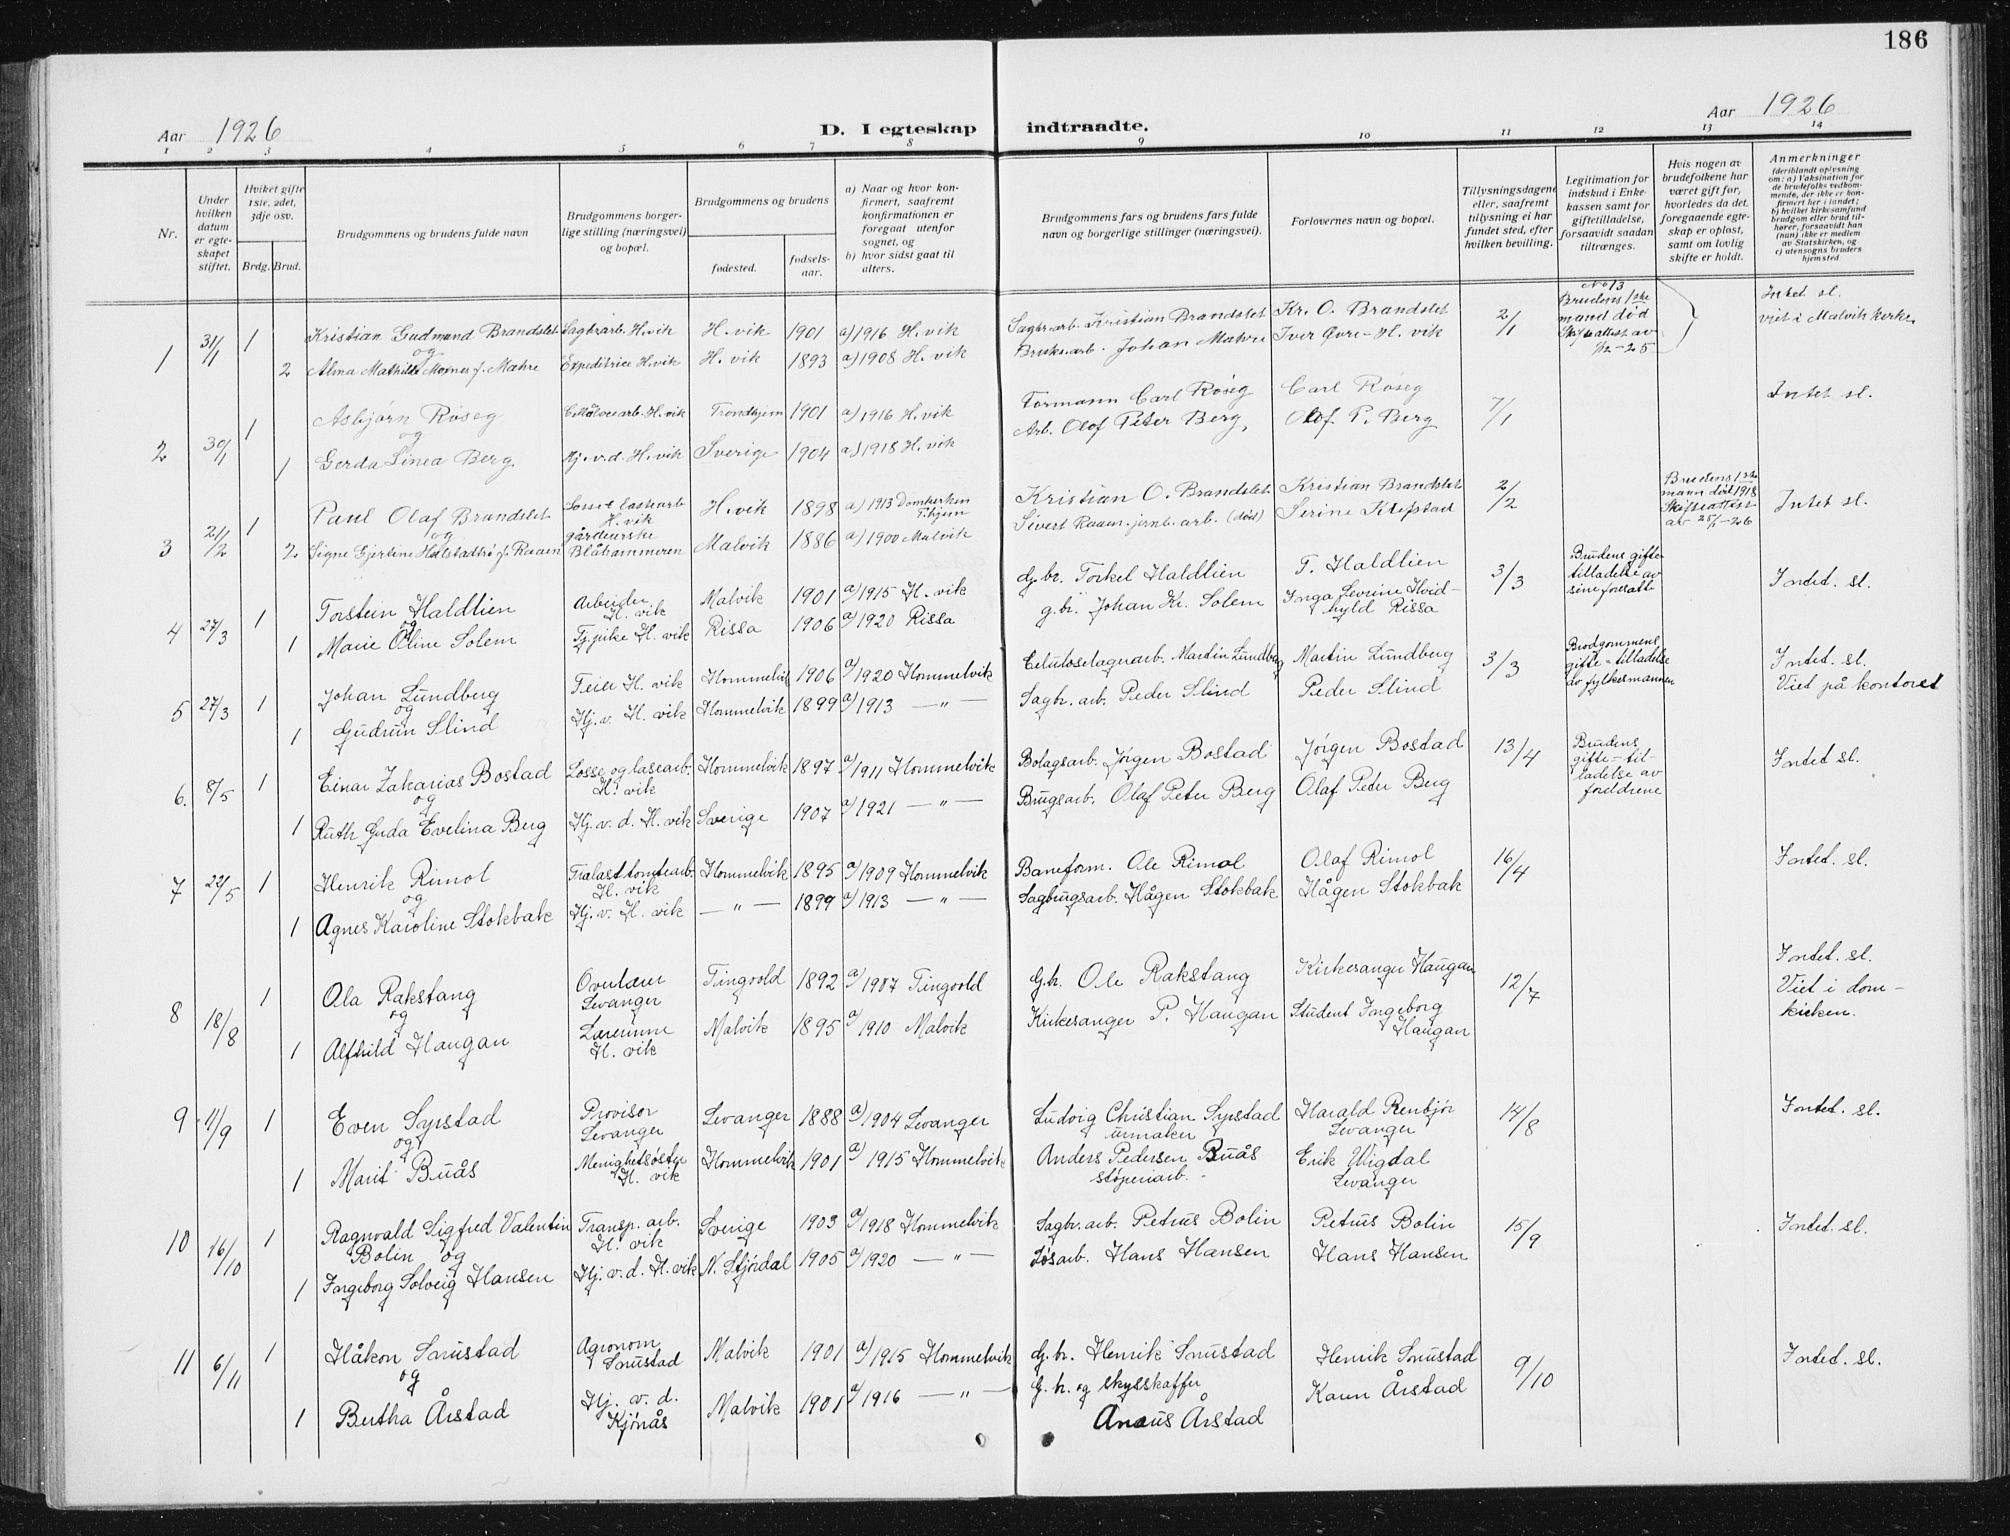 SAT, Ministerialprotokoller, klokkerbøker og fødselsregistre - Sør-Trøndelag, 617/L0431: Klokkerbok nr. 617C02, 1910-1936, s. 186